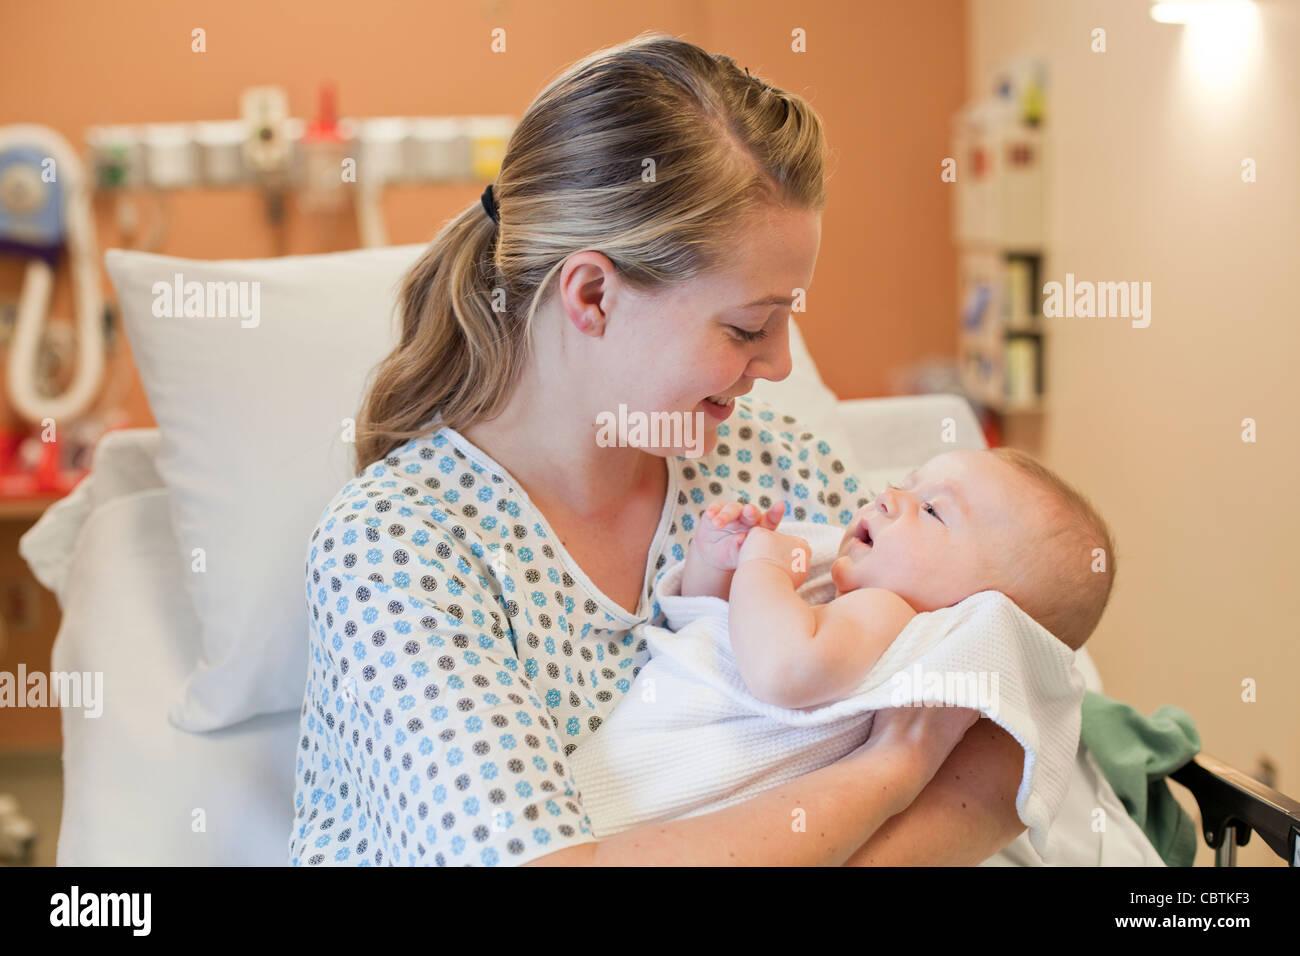 Junge Mutter mit ihrem Neugeborenen Baby im Krankenhaus. Stockbild